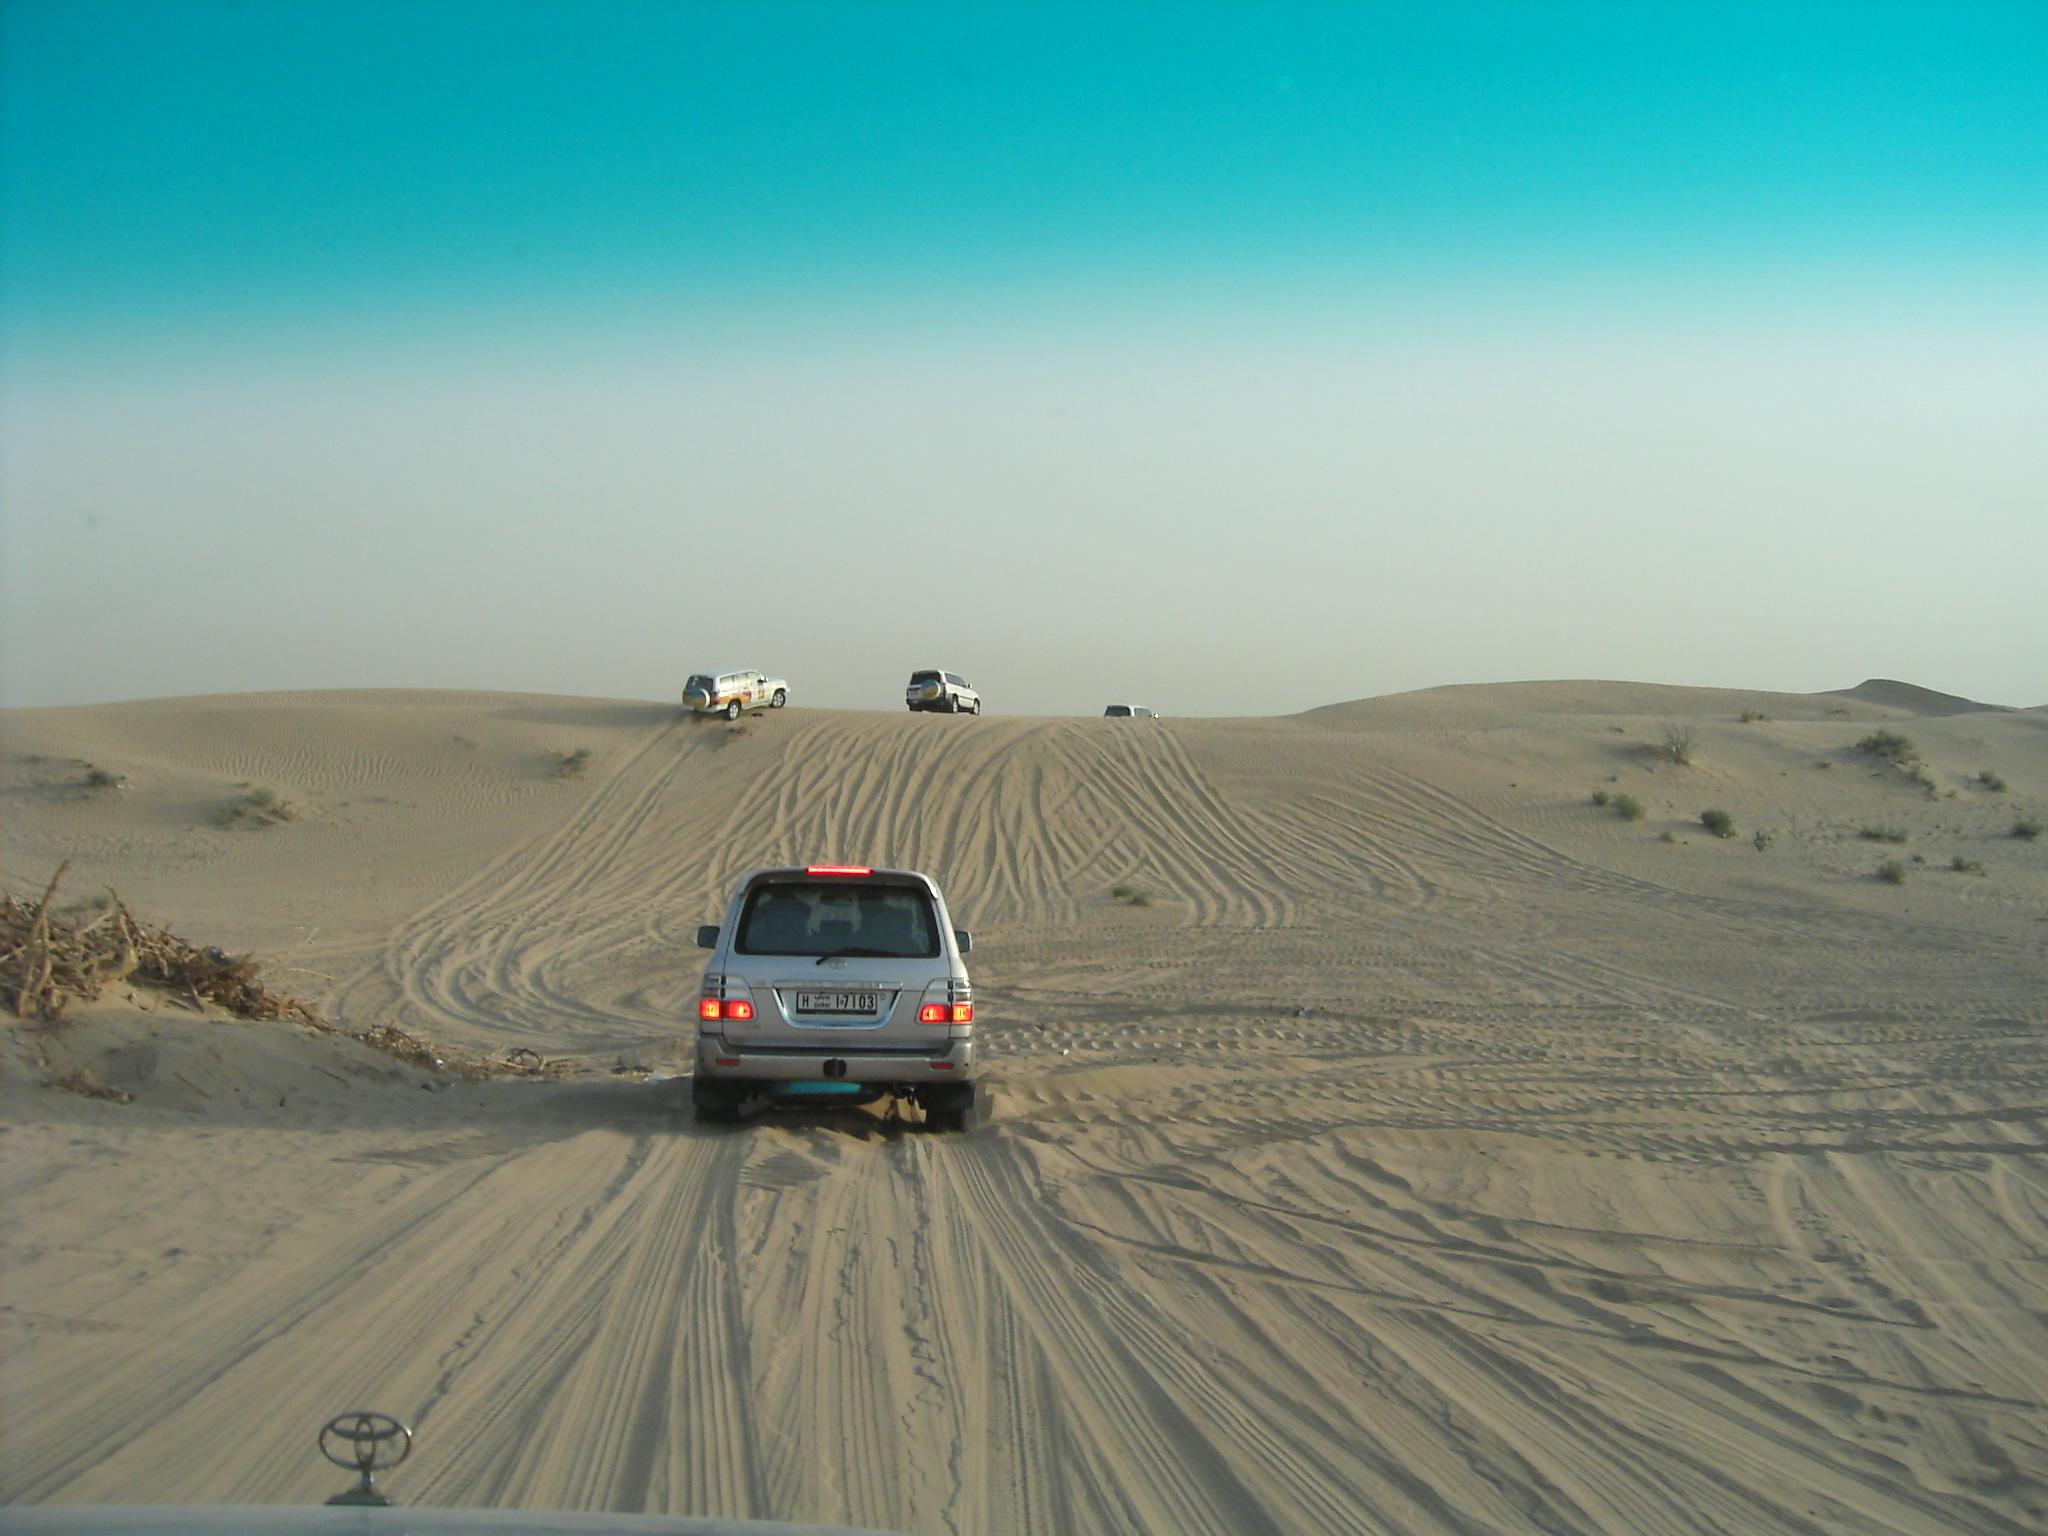 ドバイで砂漠を疾走する